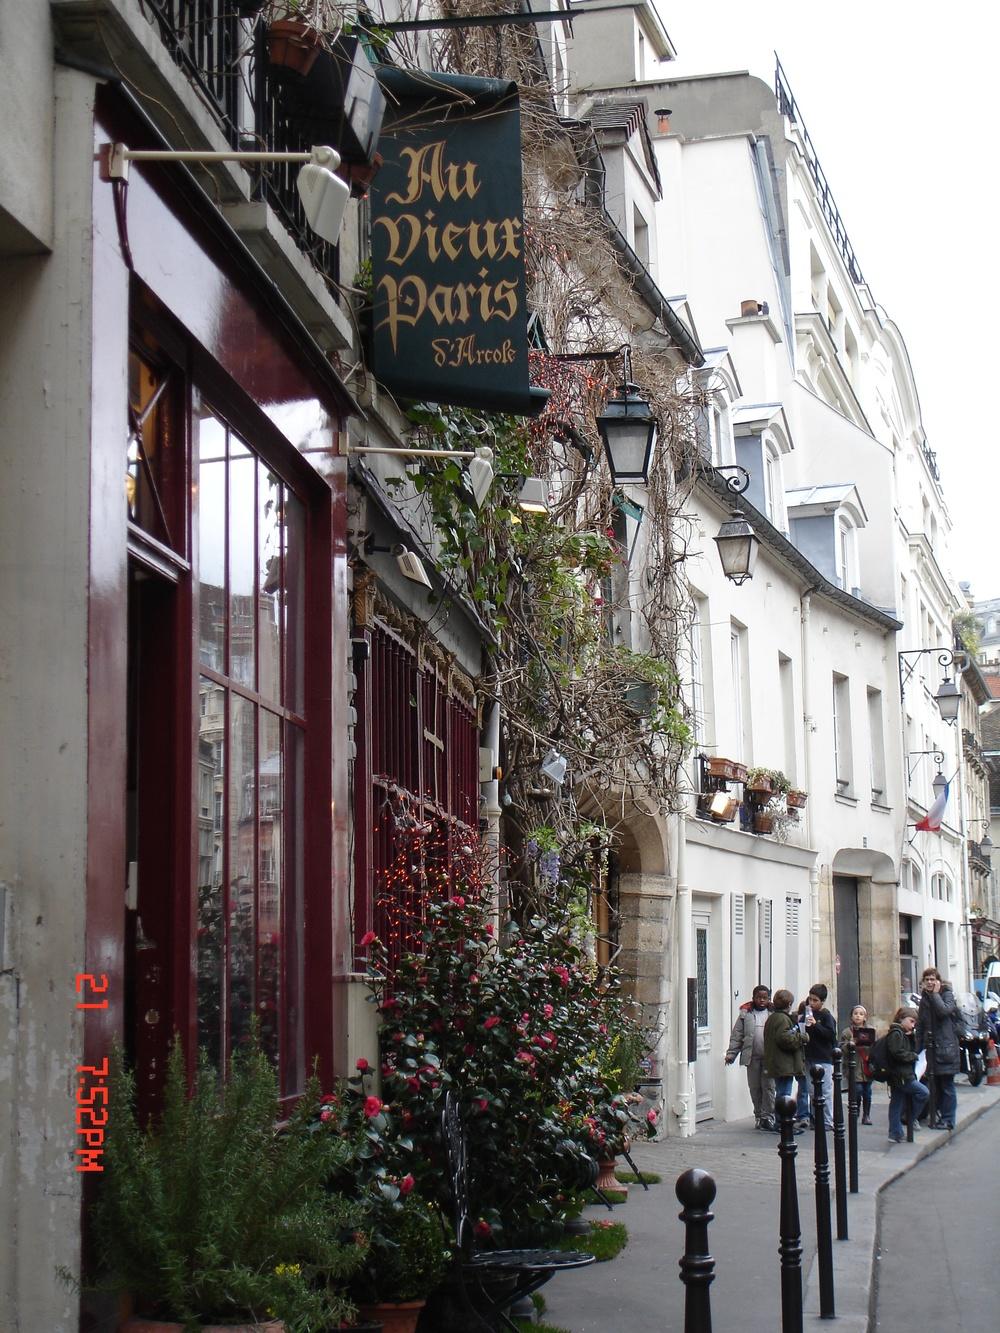 Au Dieux Paris